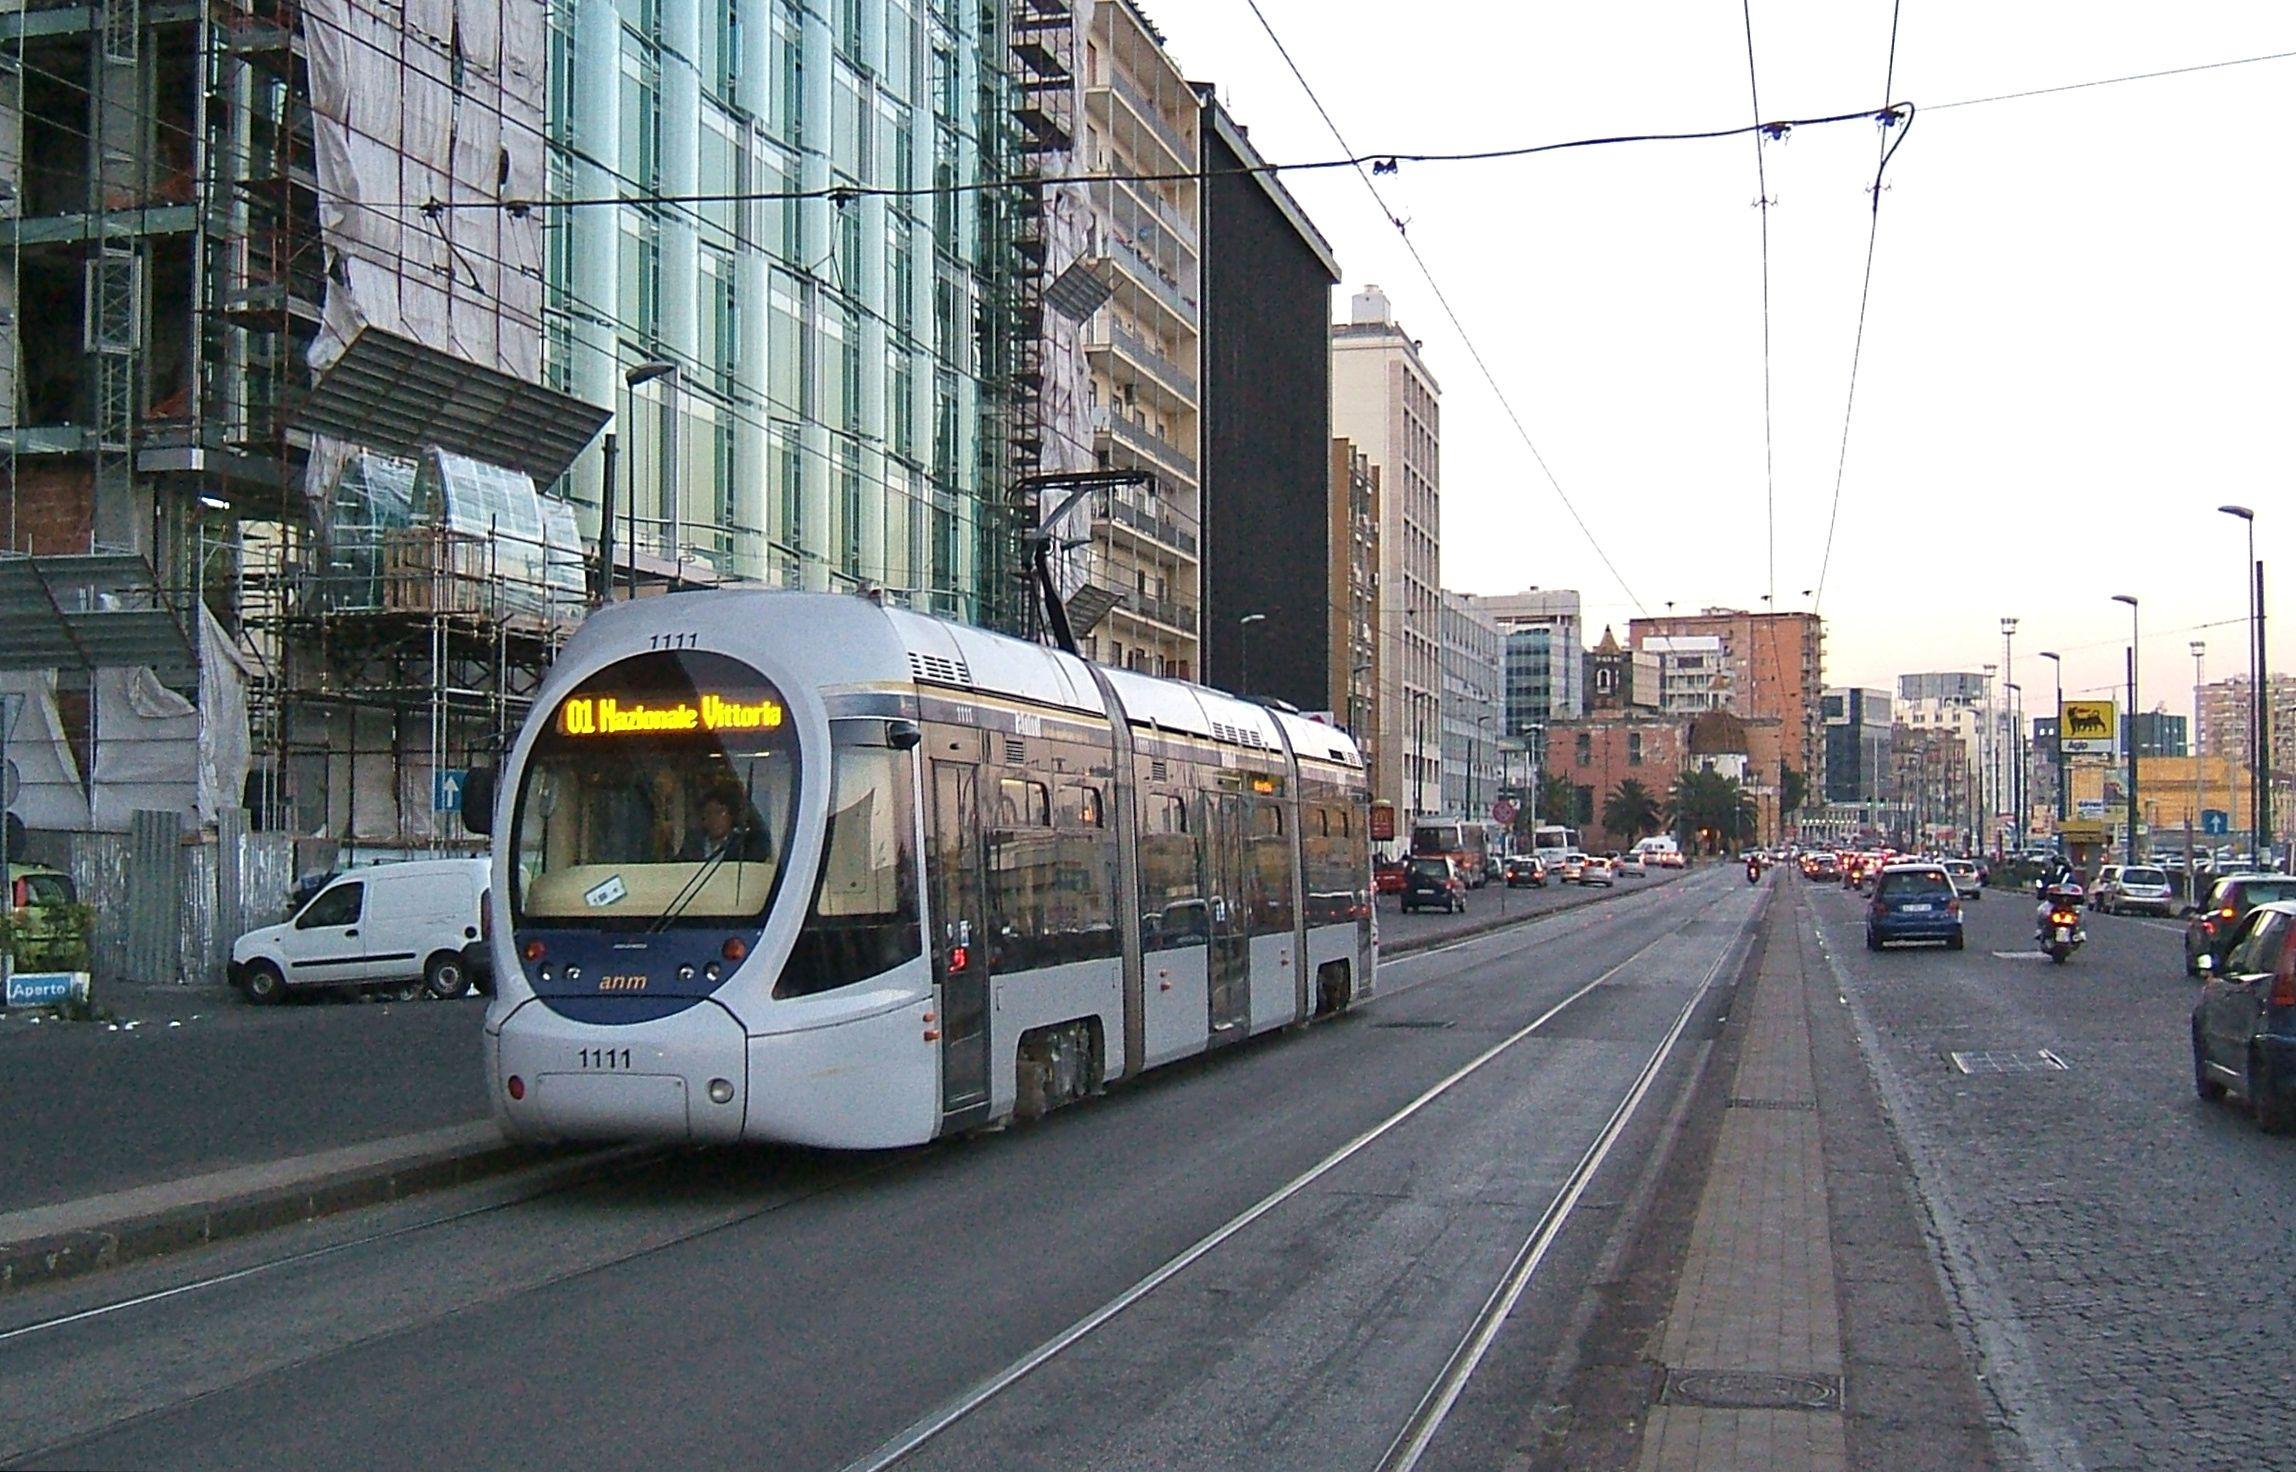 La rinascita del tram - Wild Italy - L'approfondimento ...